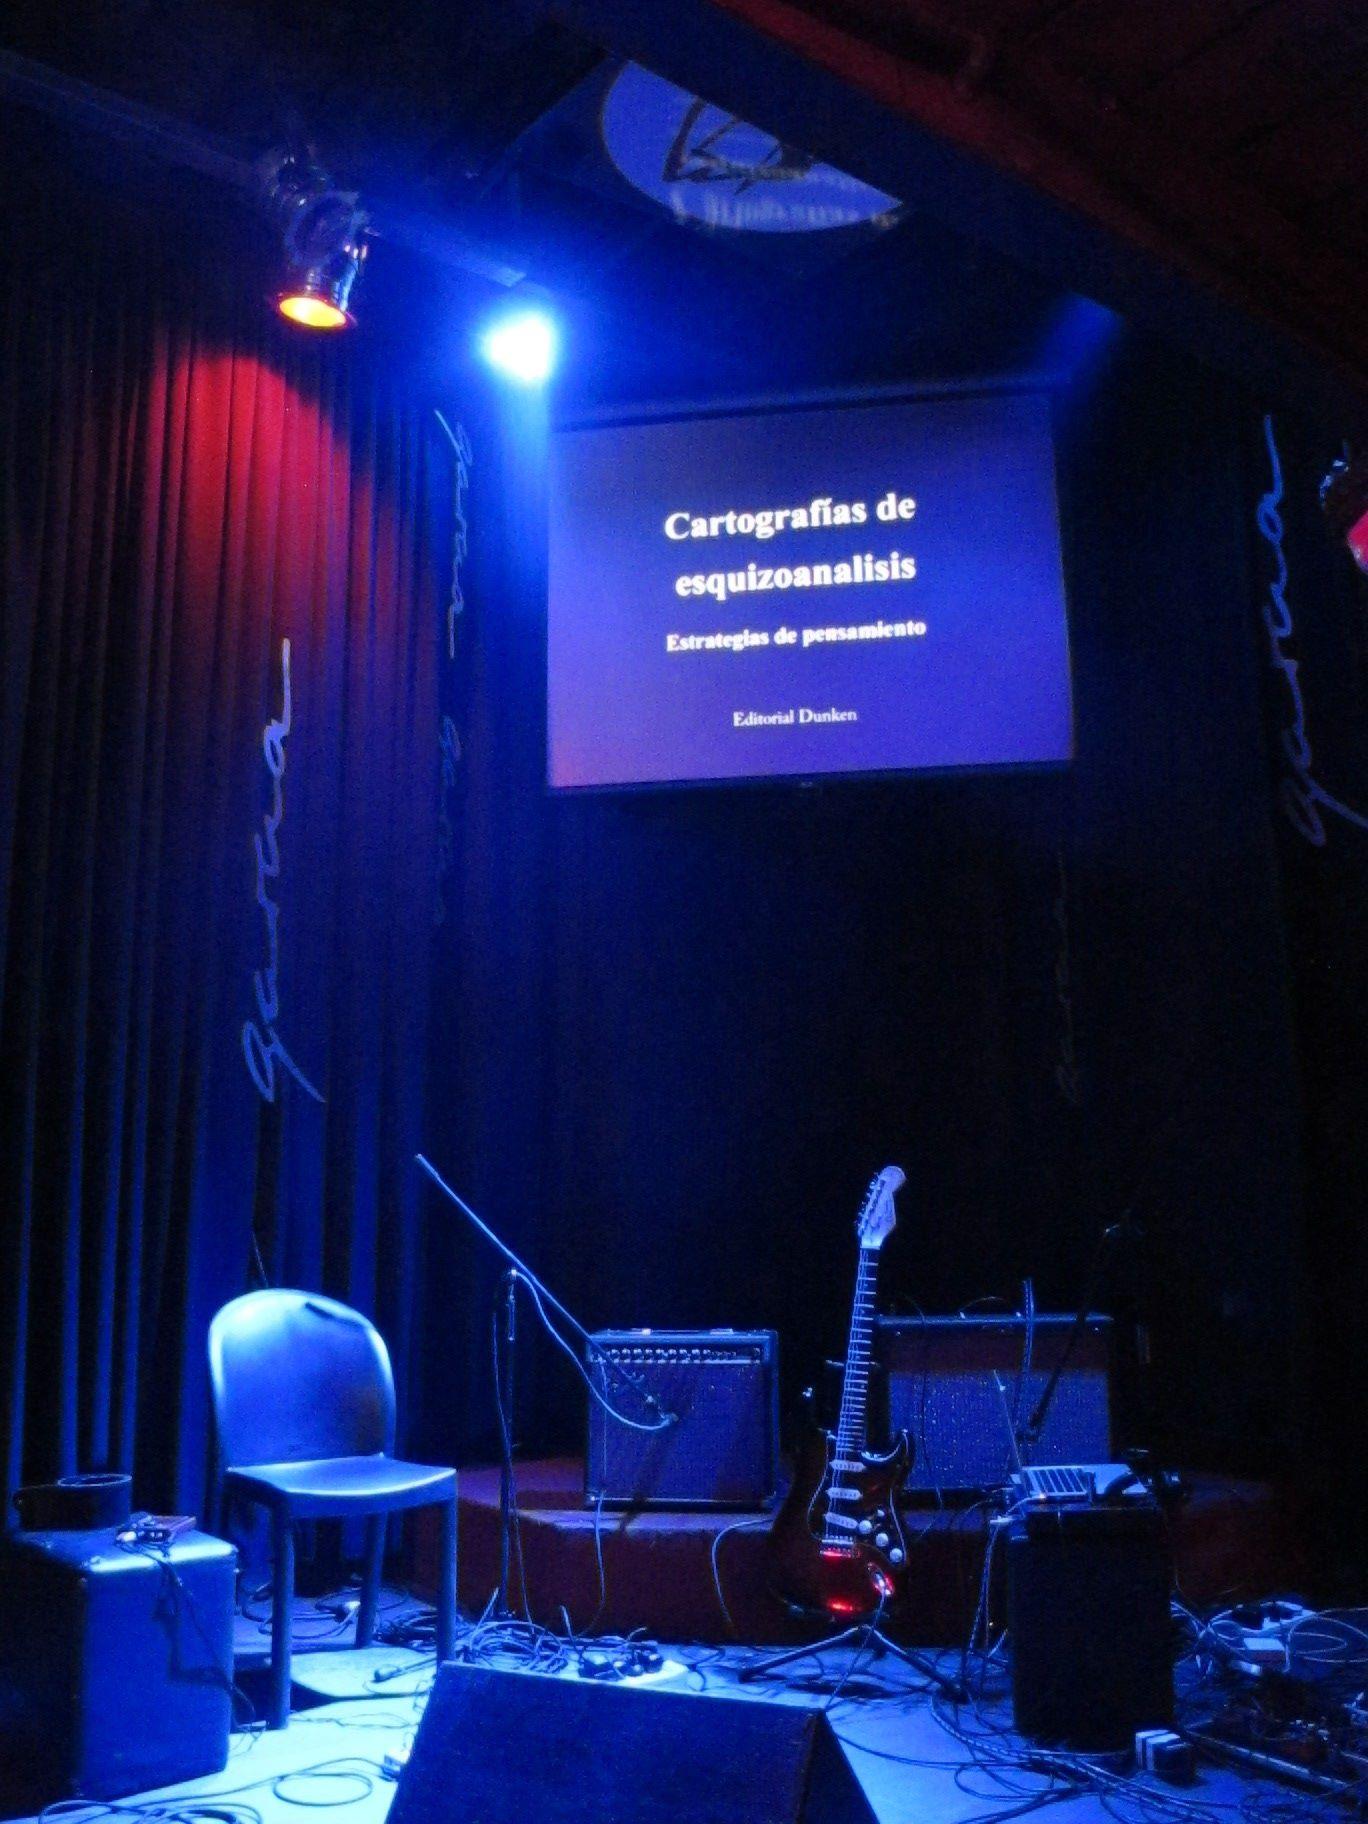 http://medicinayarte.com/img/suplemento_filosofia_bar.jpg